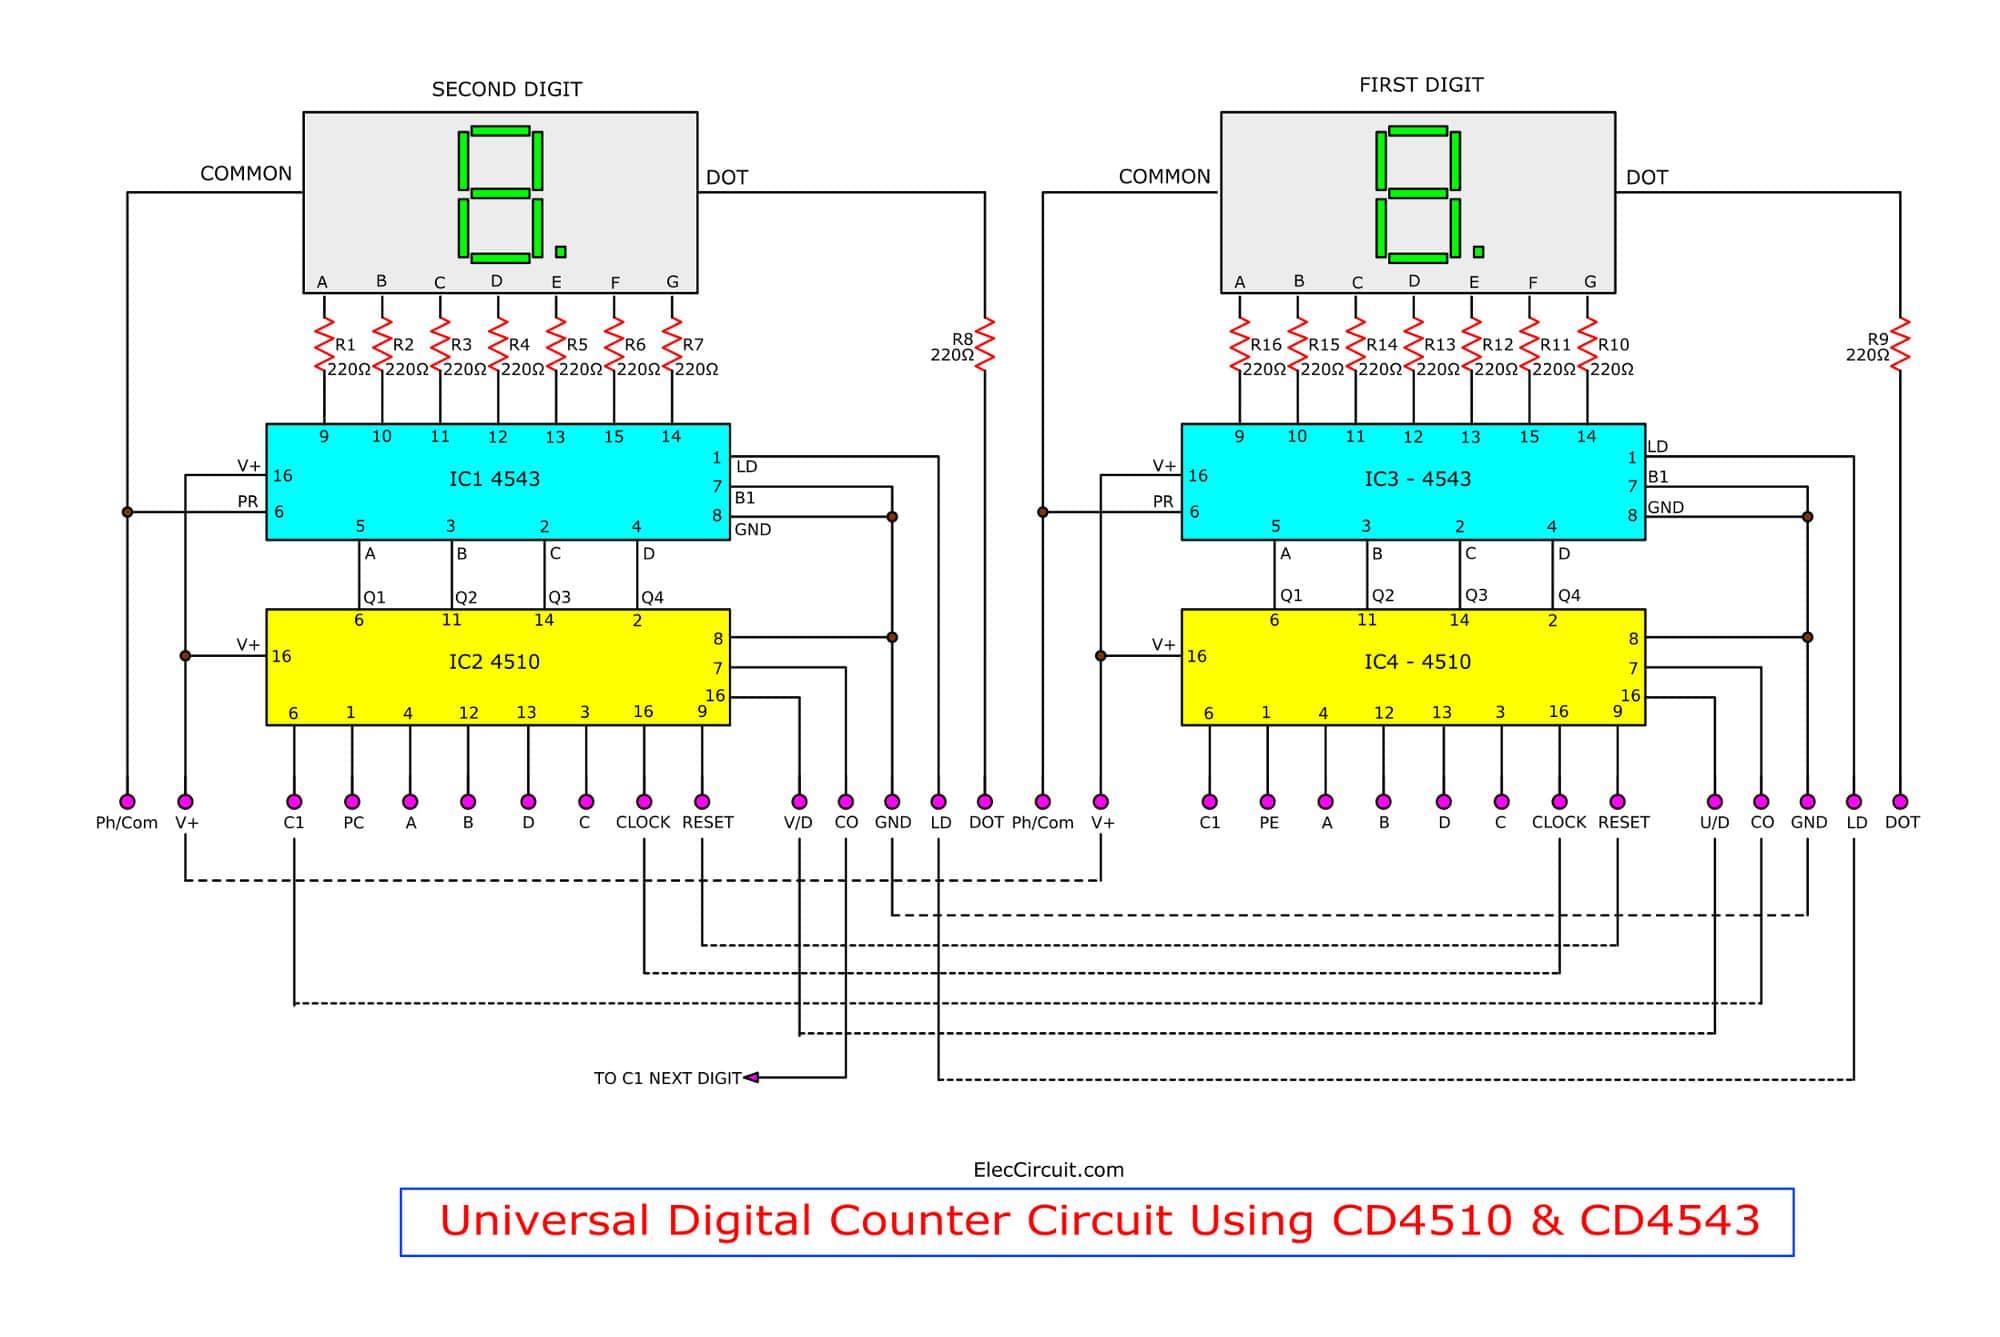 Digital Down Counter Circuit : Universal digital counter circuit using cd